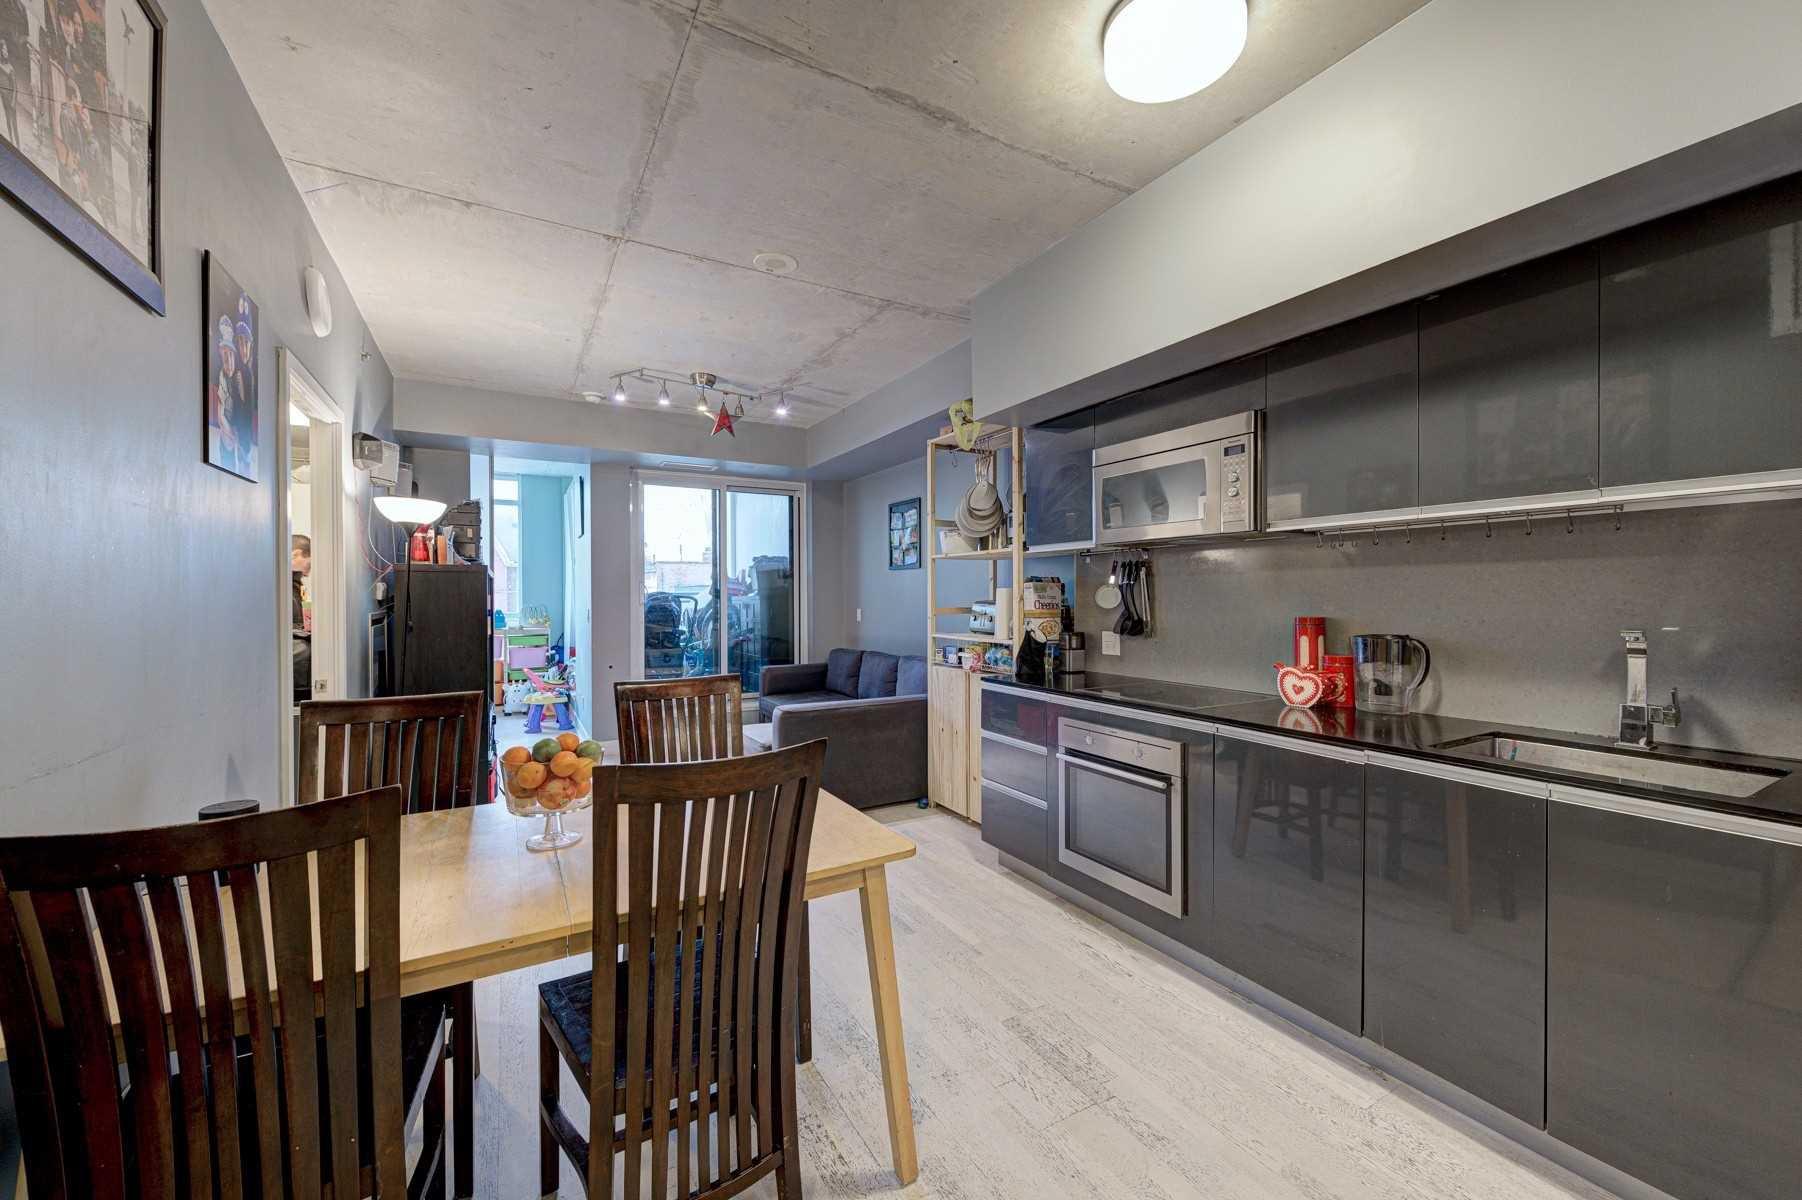 Main Photo: 206 20 Gladstone Avenue in Toronto: Little Portugal Condo for lease (Toronto C01)  : MLS®# C4639298